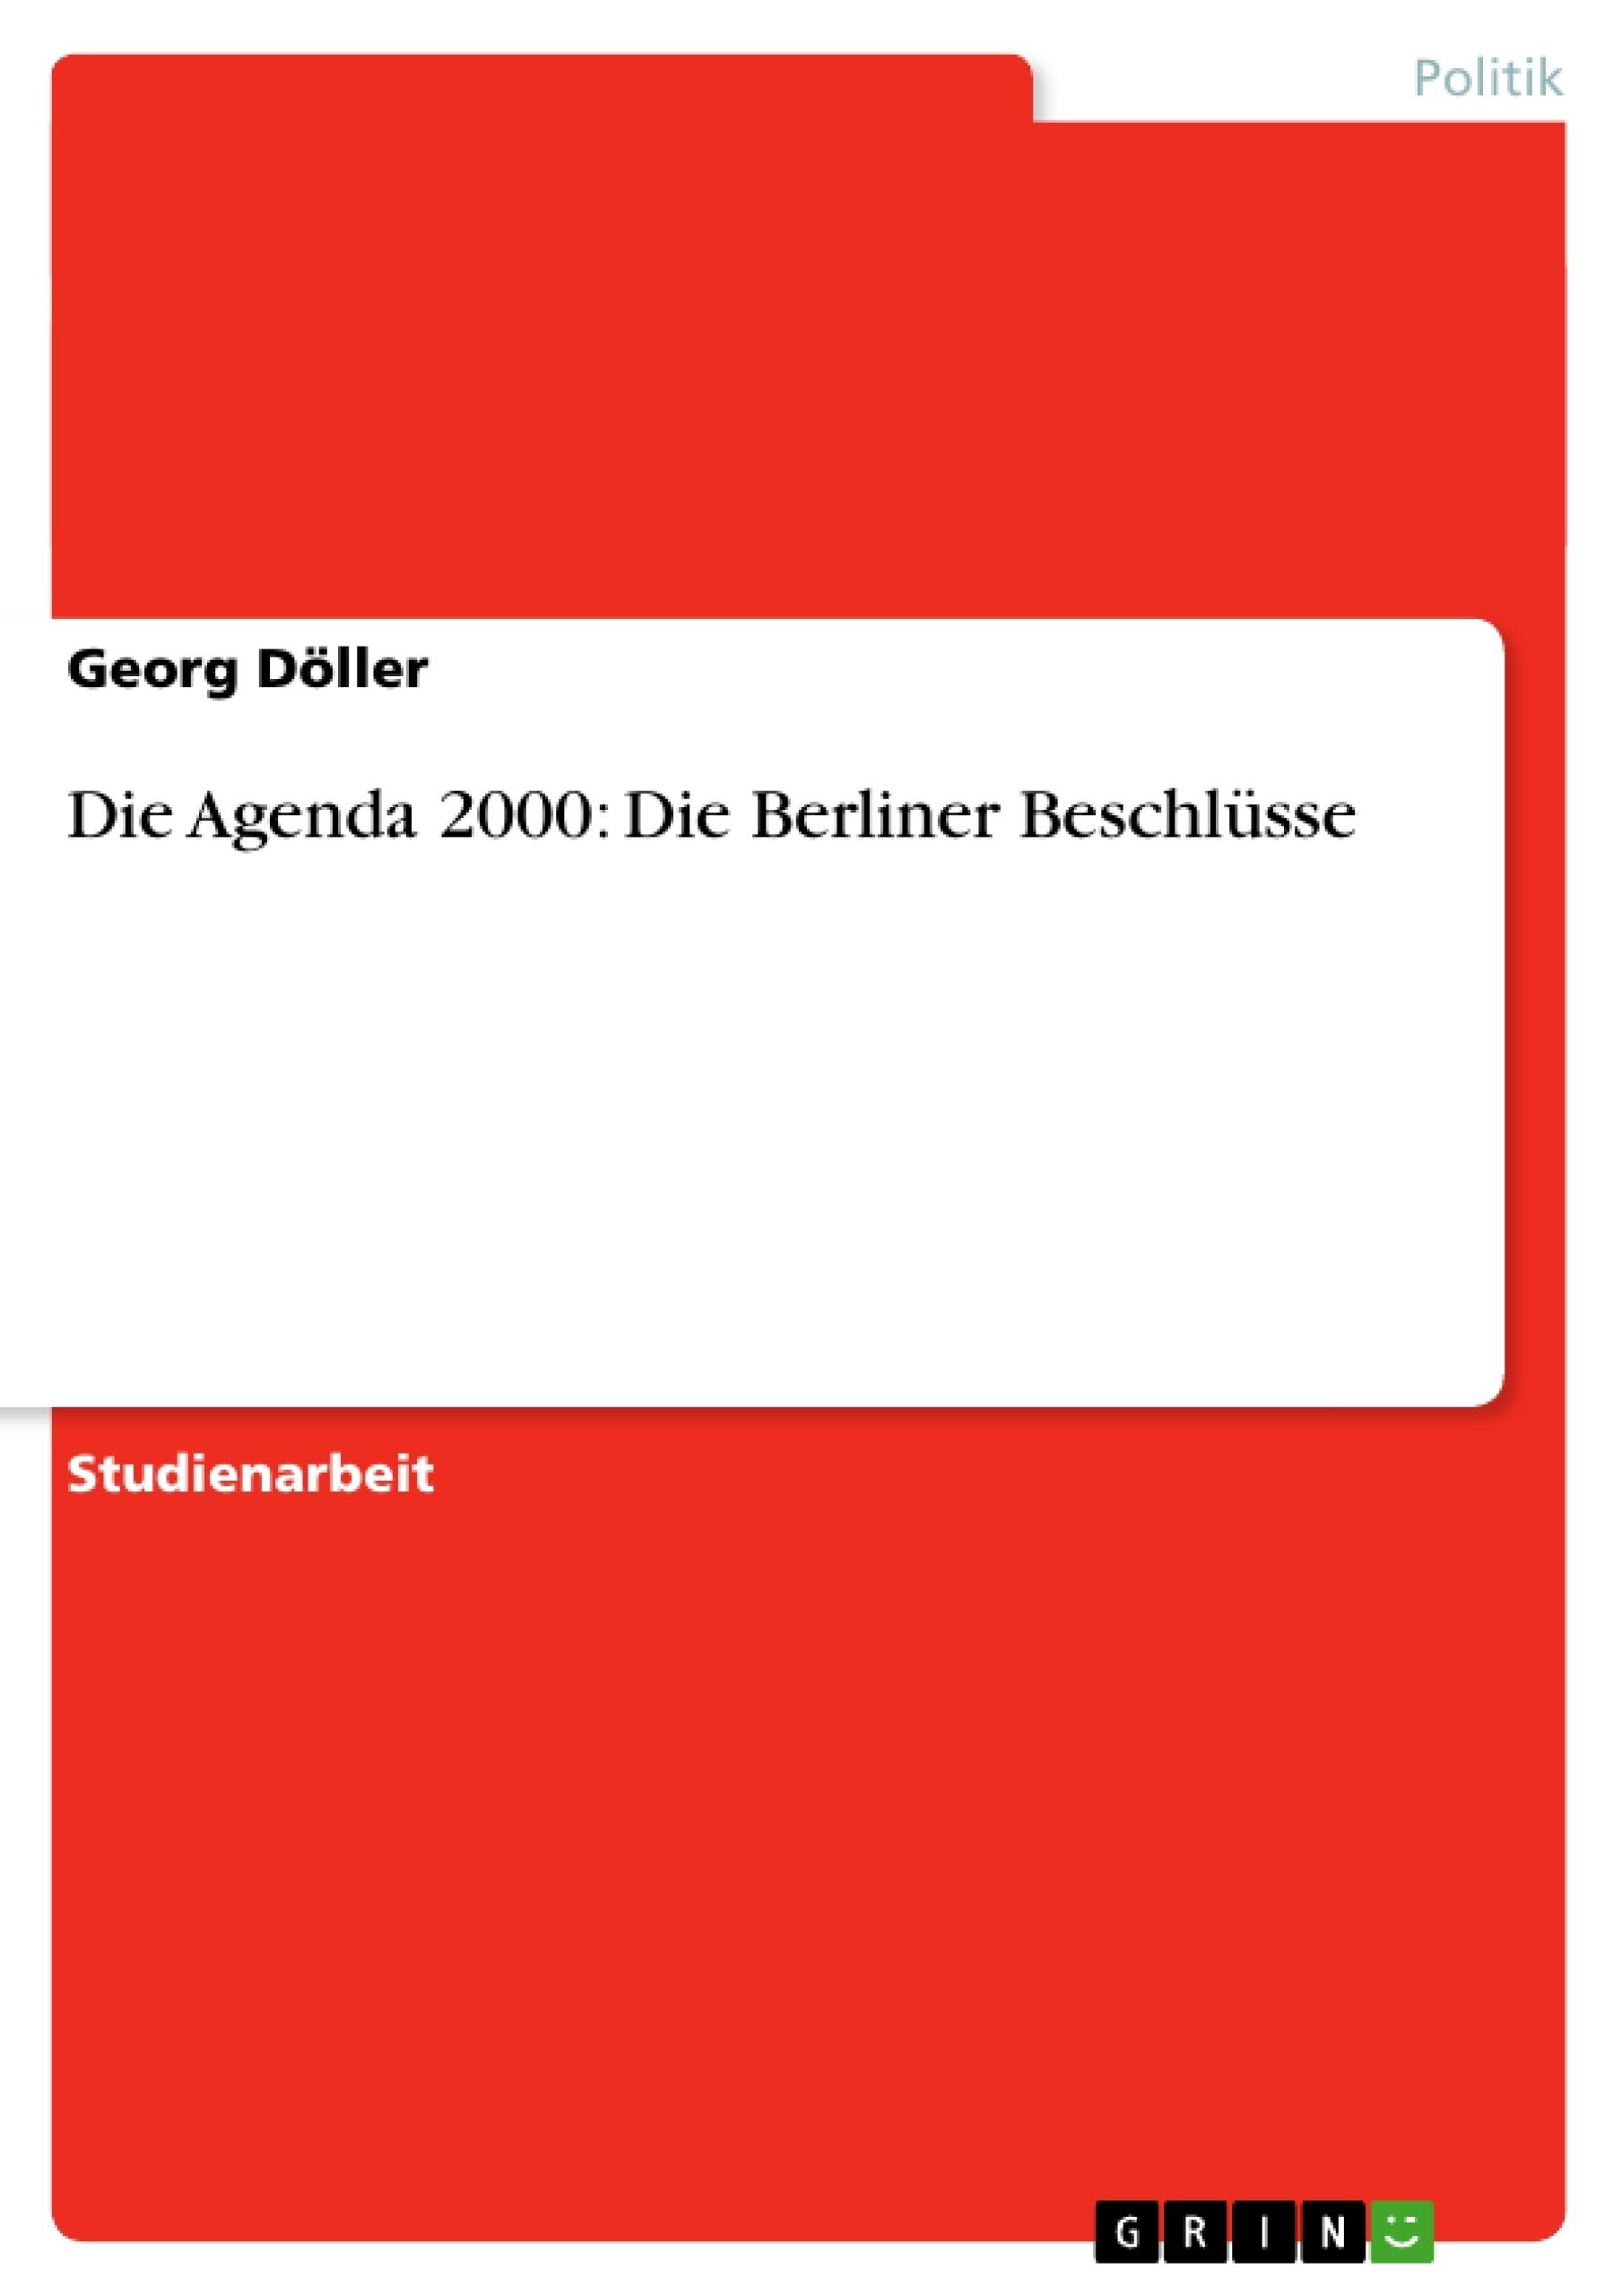 Titel: Die Agenda 2000: Die Berliner Beschlüsse